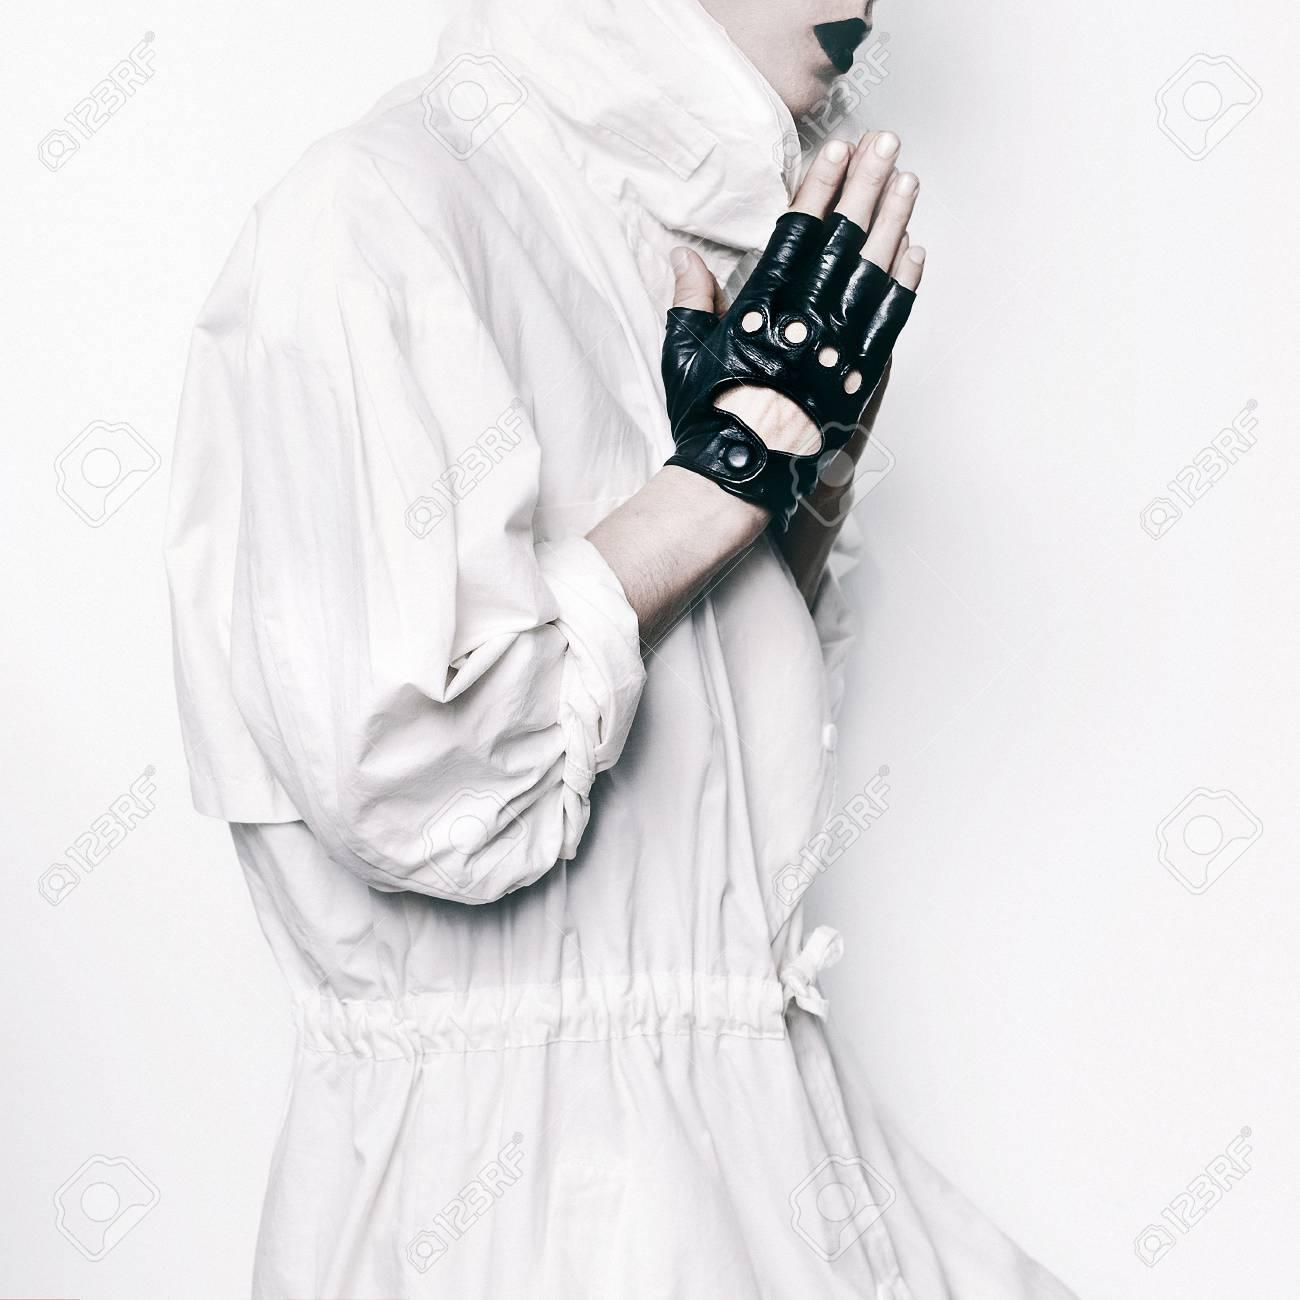 Modèle De Tendance Hipster Swaggirl Minimal Styletrendy Noir Et Blanc Outfit Gants En Cuir élégant Maquillage Mode Religion